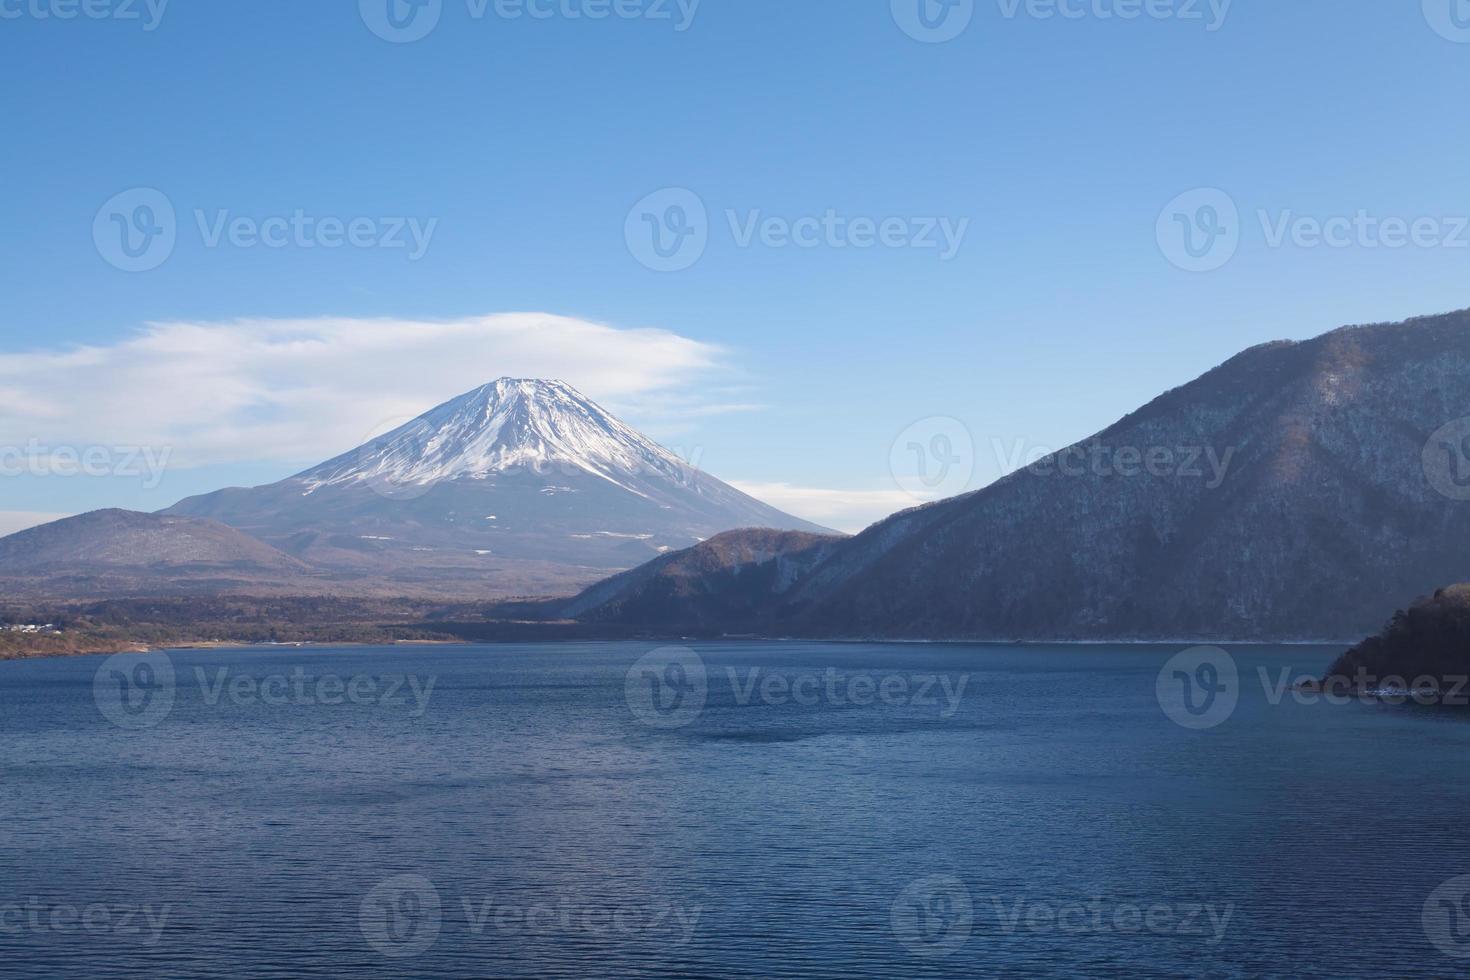 montagne fuji au lac motosu photo